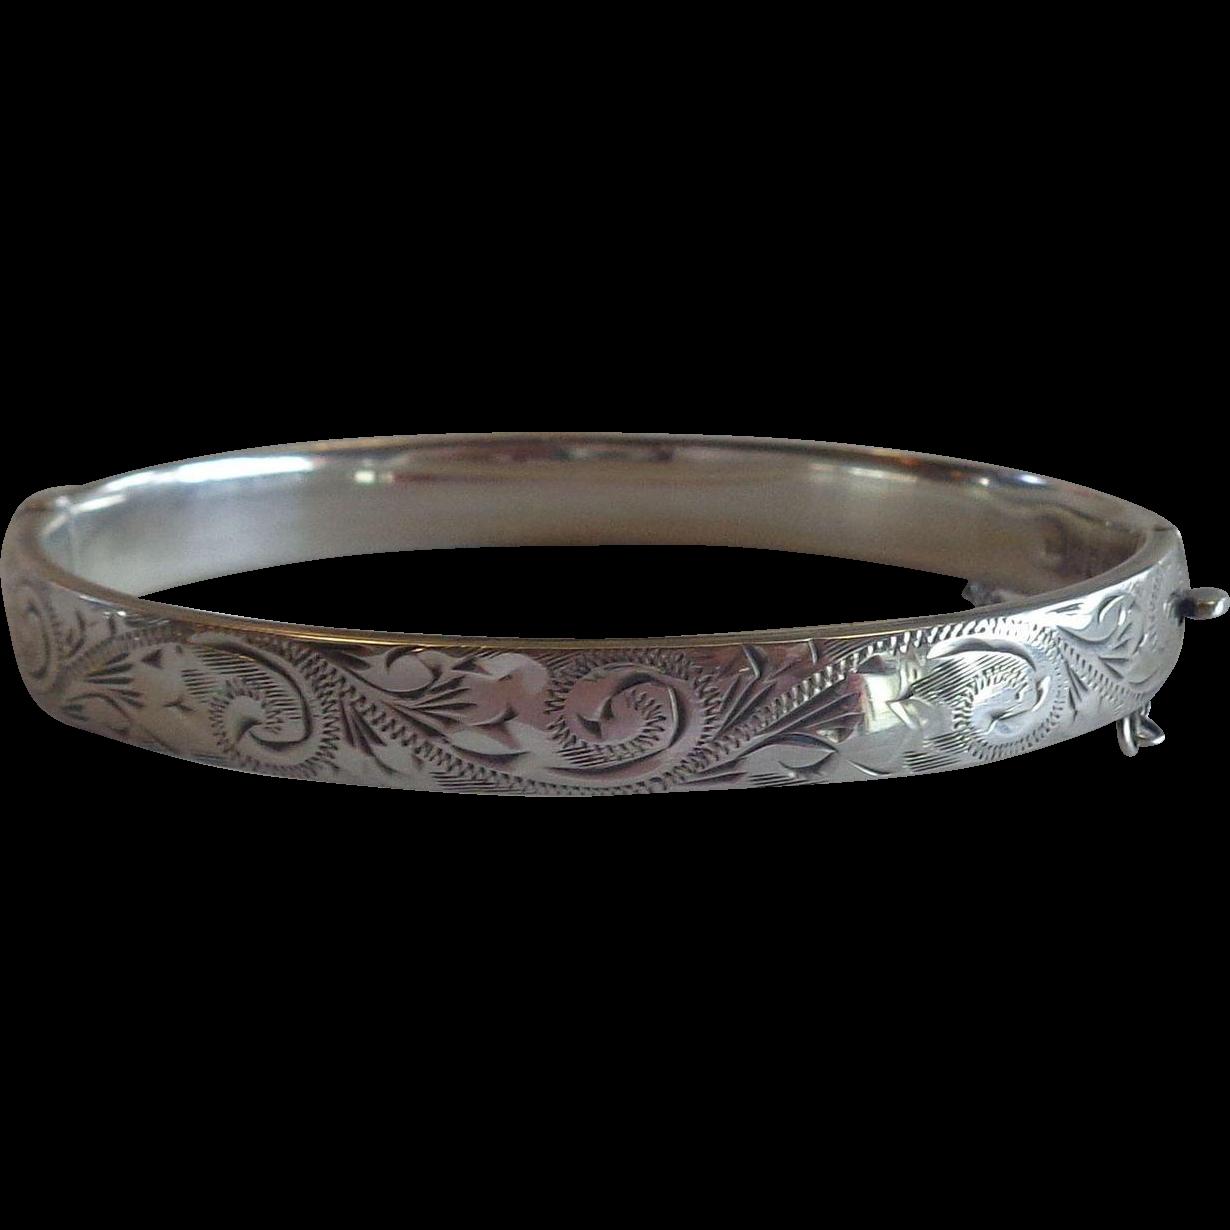 Sterling Silver Bracelet Chased Design London Salkind & Koshr 1965